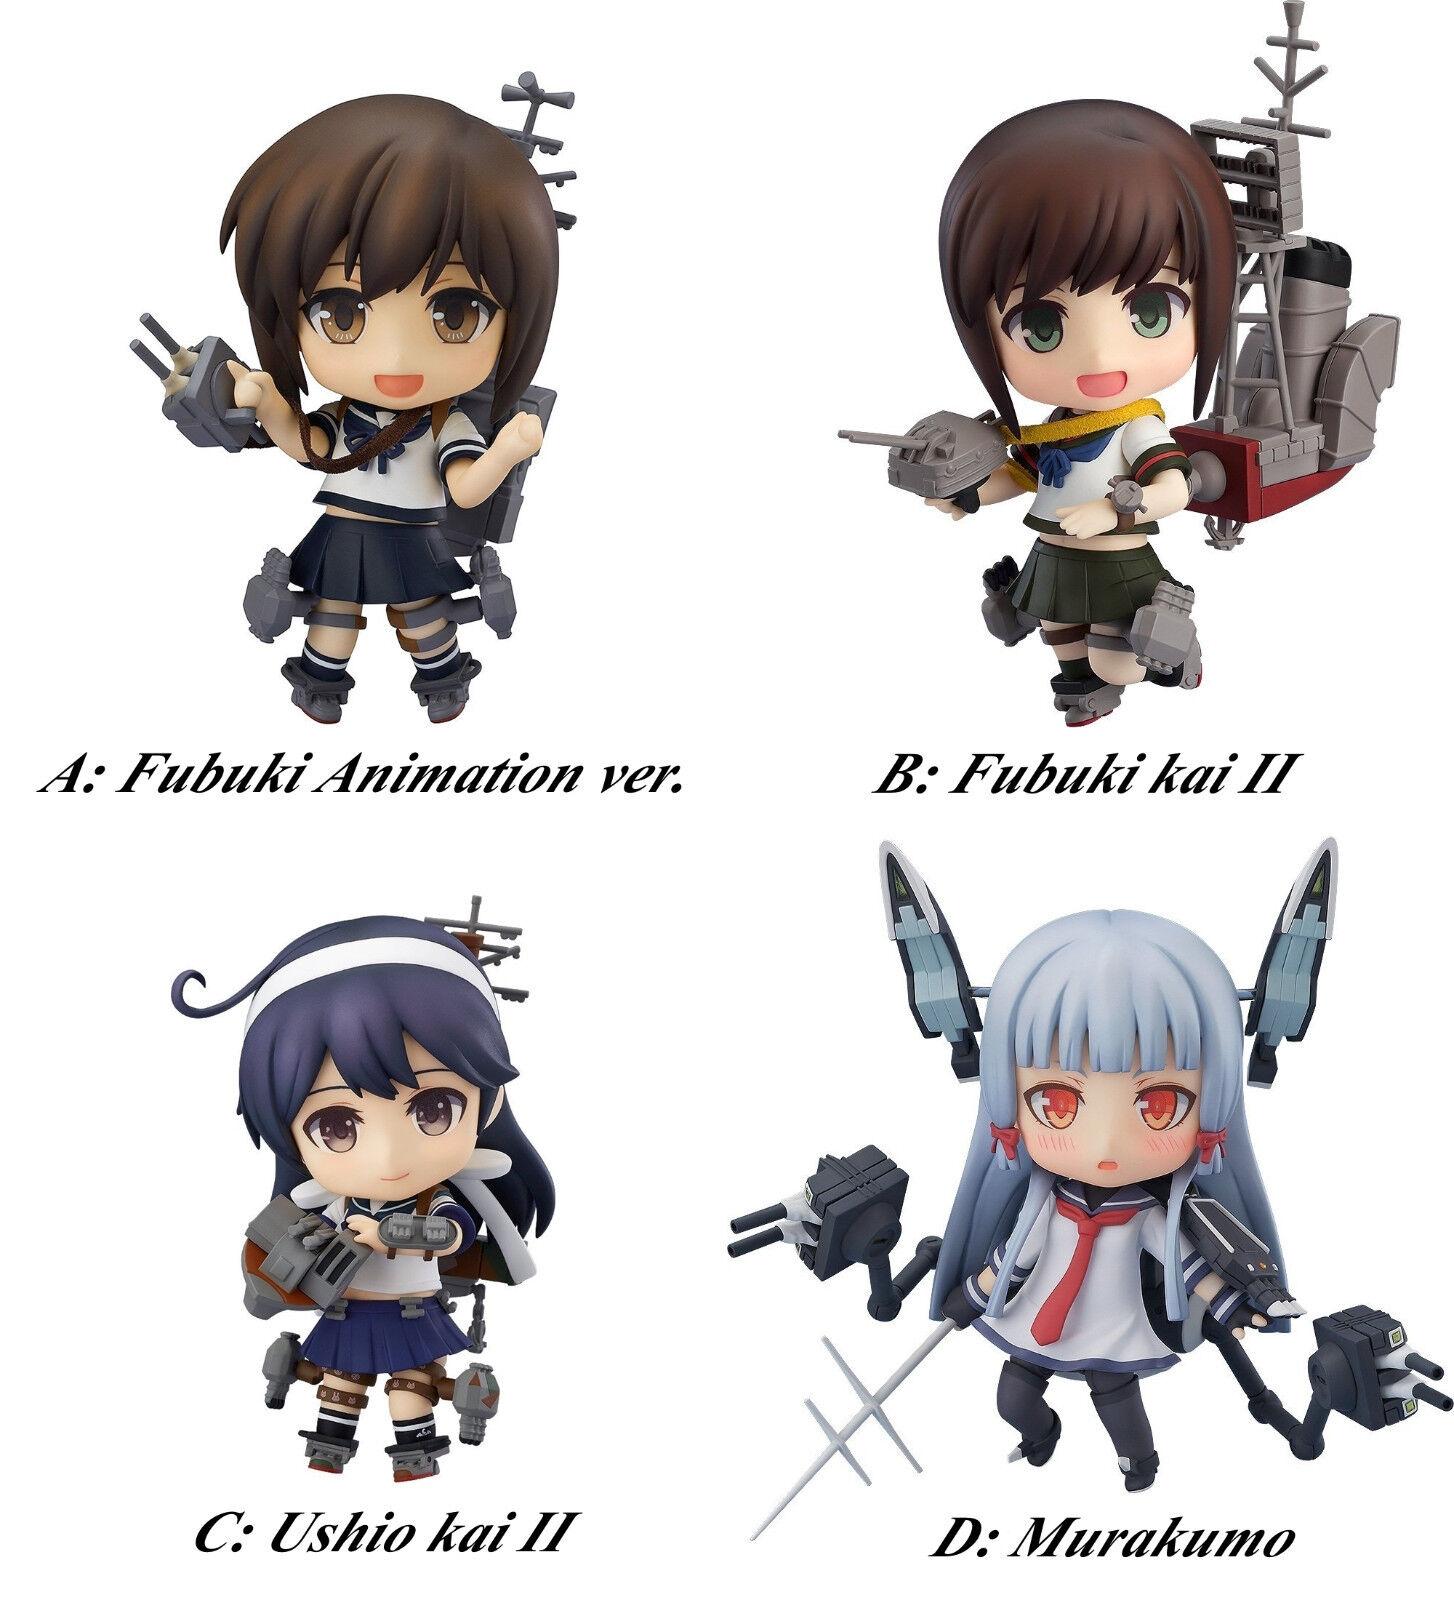 Nendoroid KanColle Fubuki Ushio Kai II destoroyer acción figura Goodsmilecompany